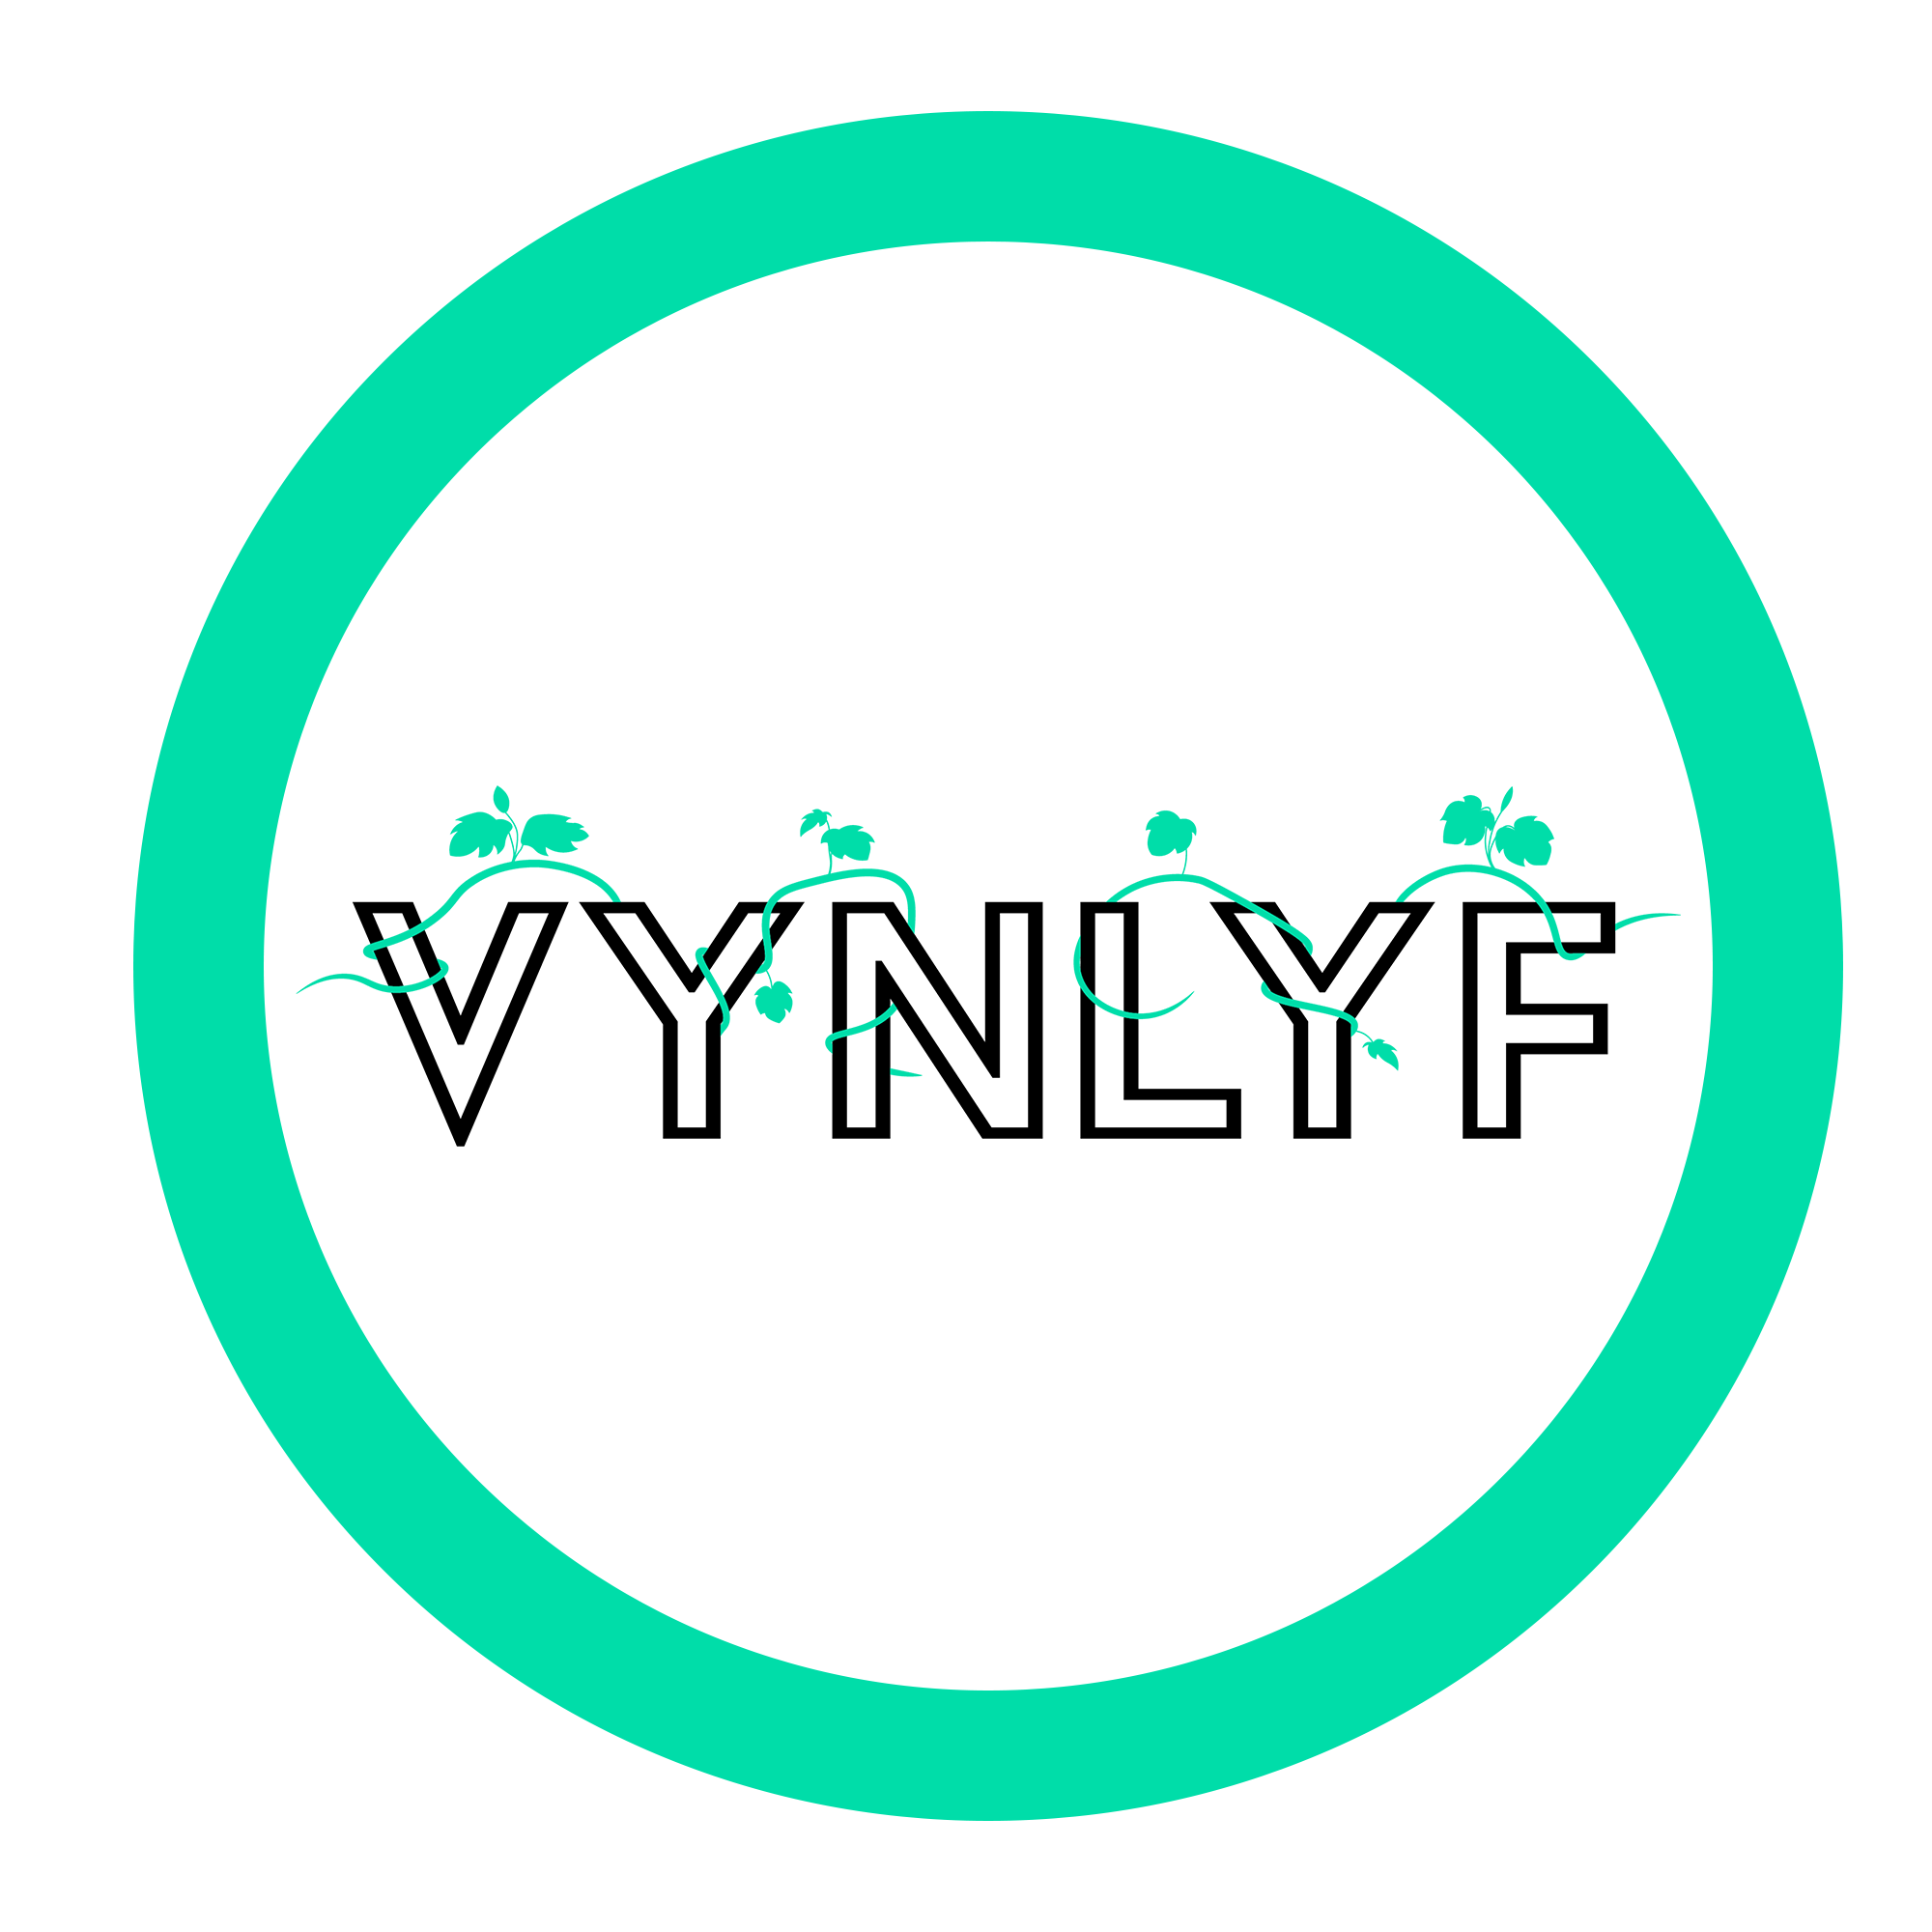 Vynlyf